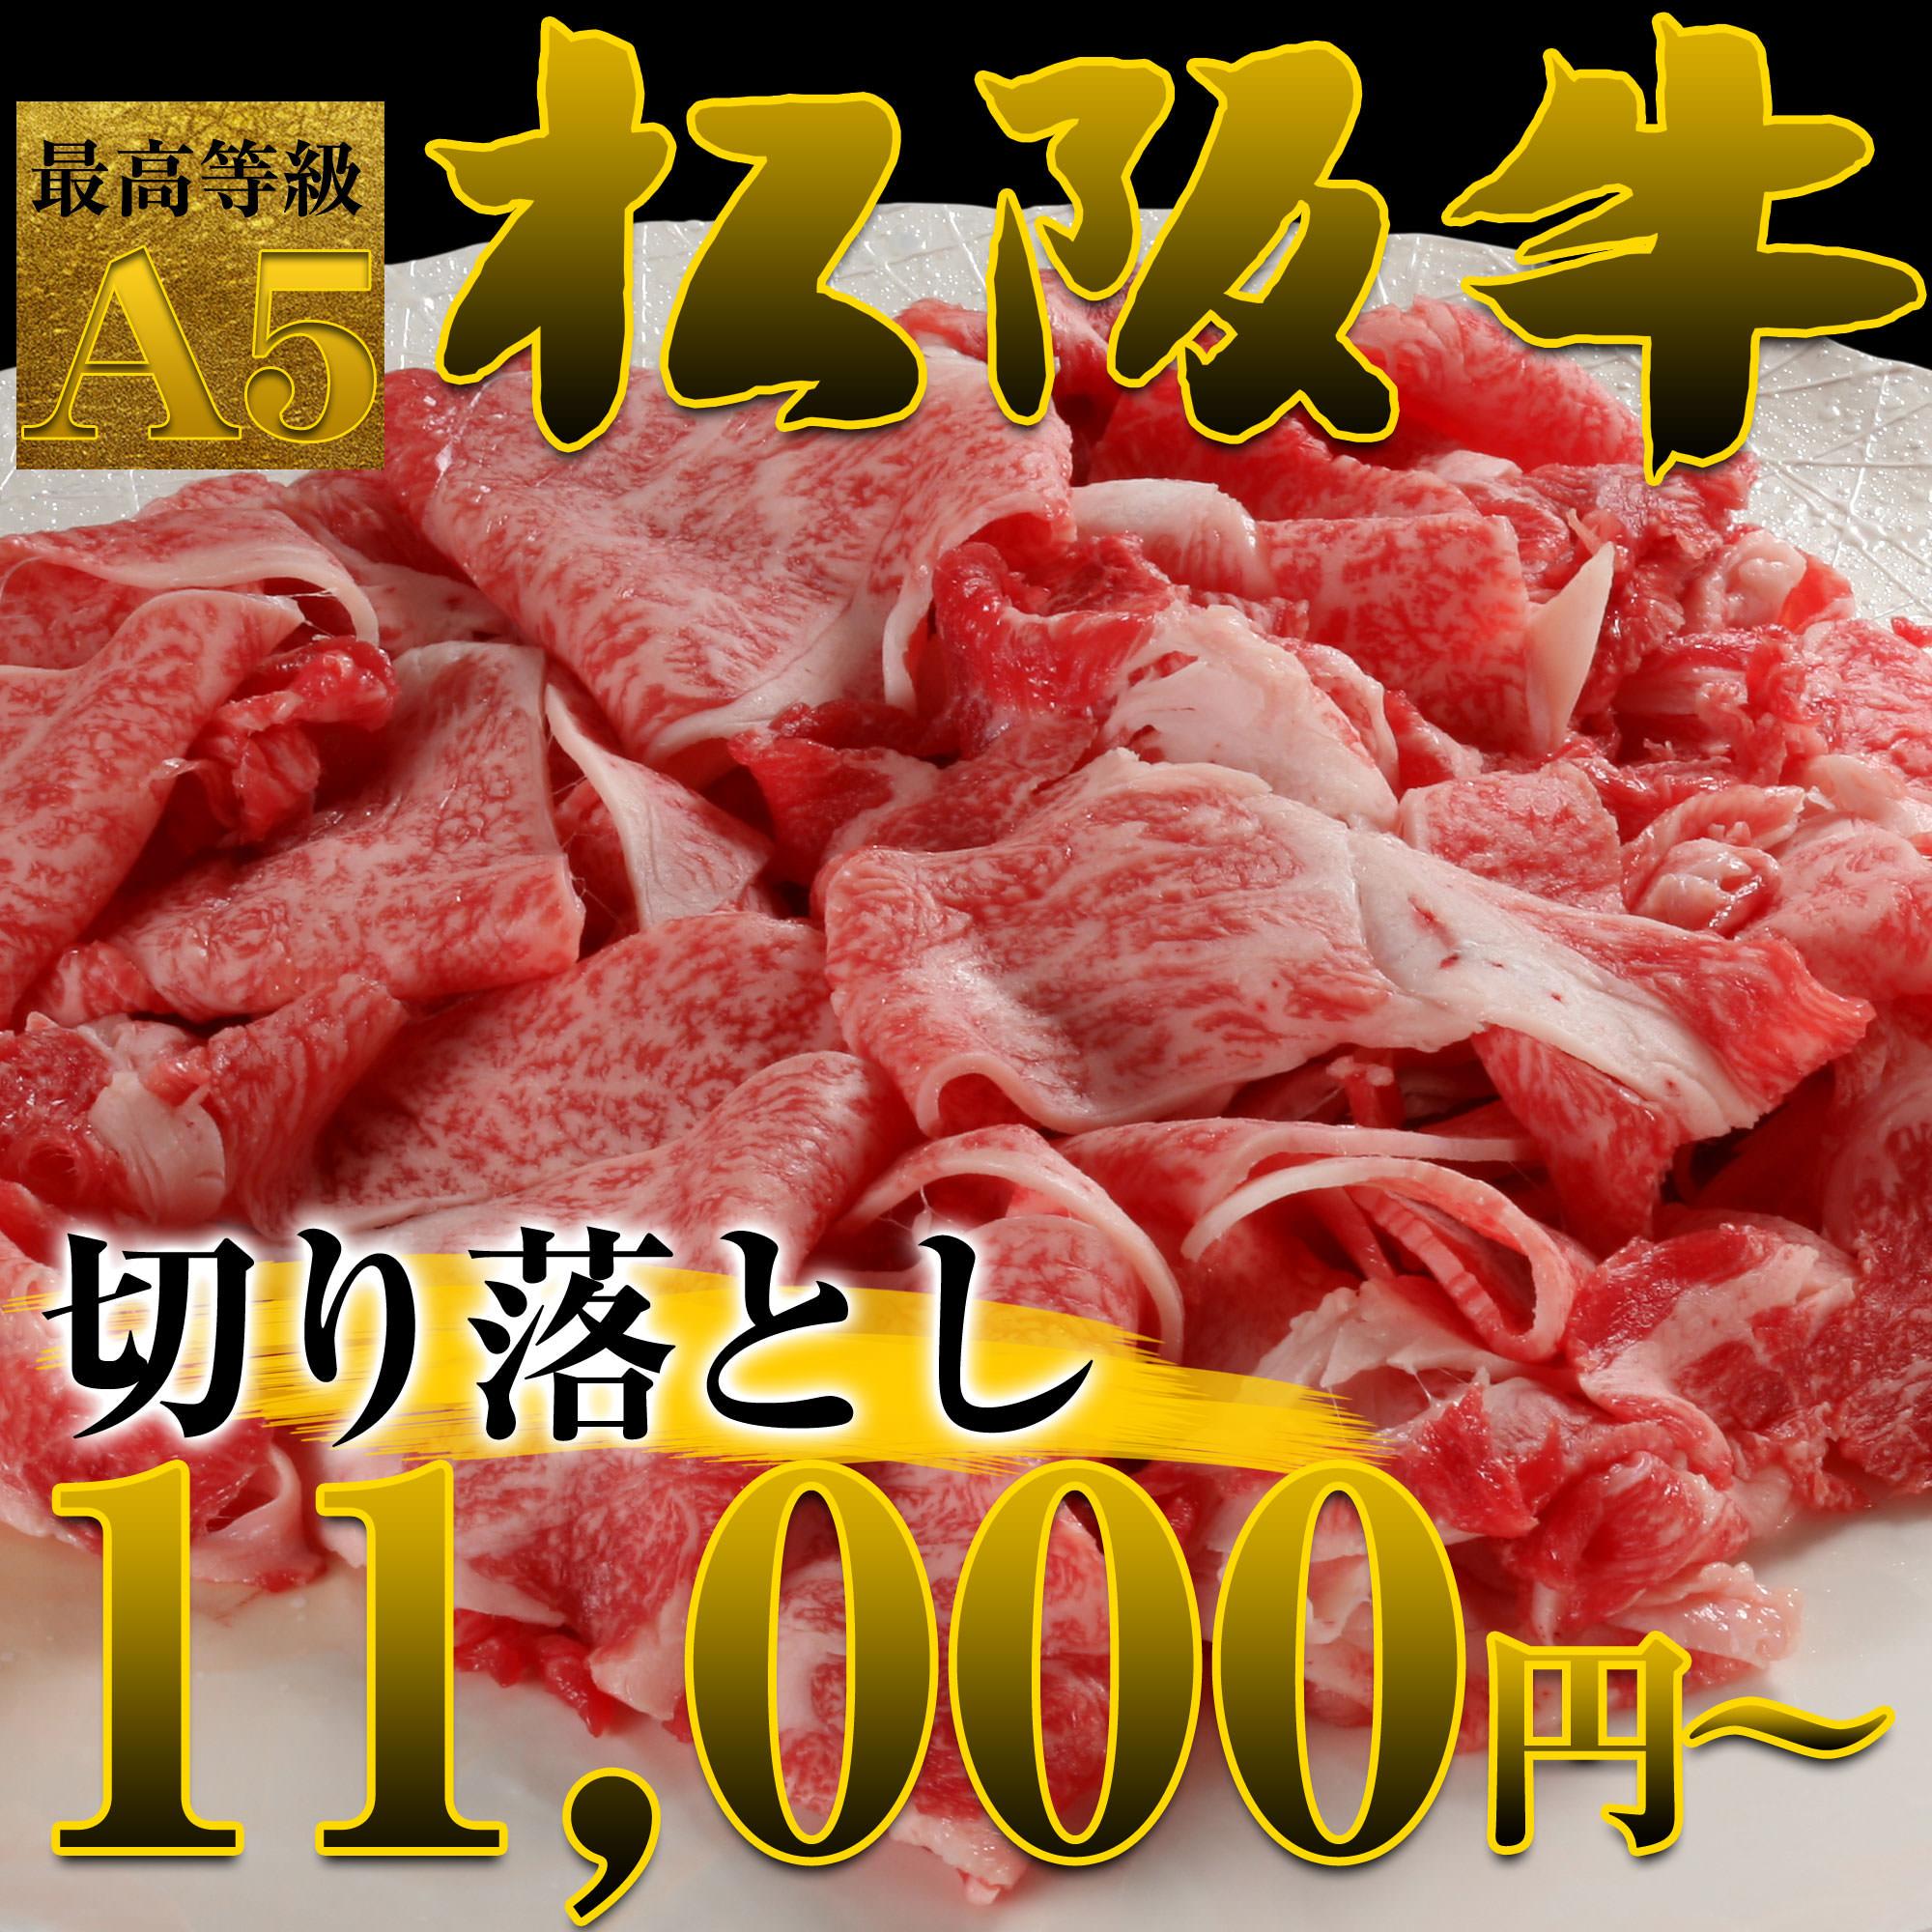 松阪牛切り落とし 500g(4〜6人前)